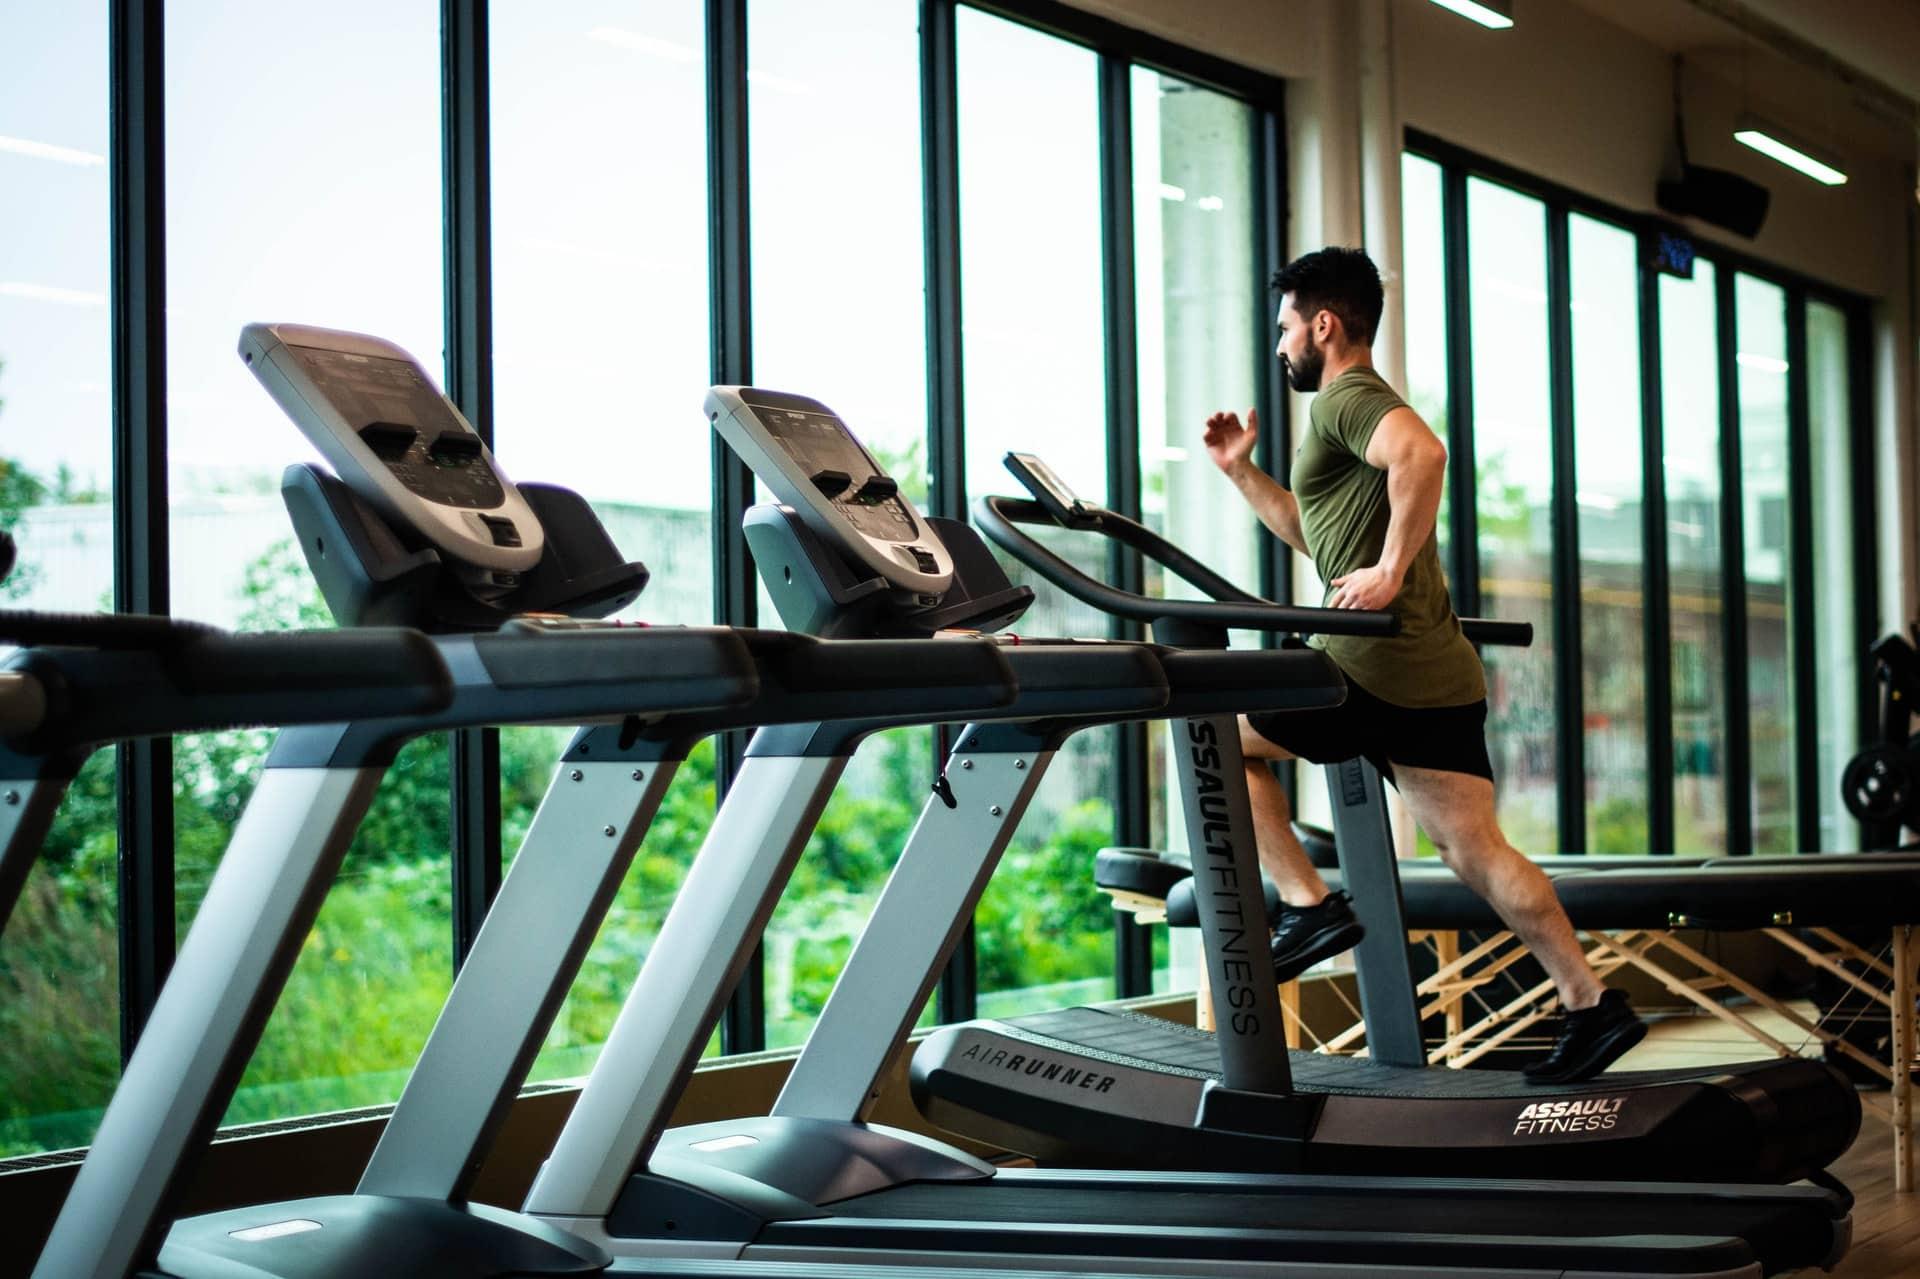 W jaki sprzęt fitness warto zainwestować do domu i mieszkania?